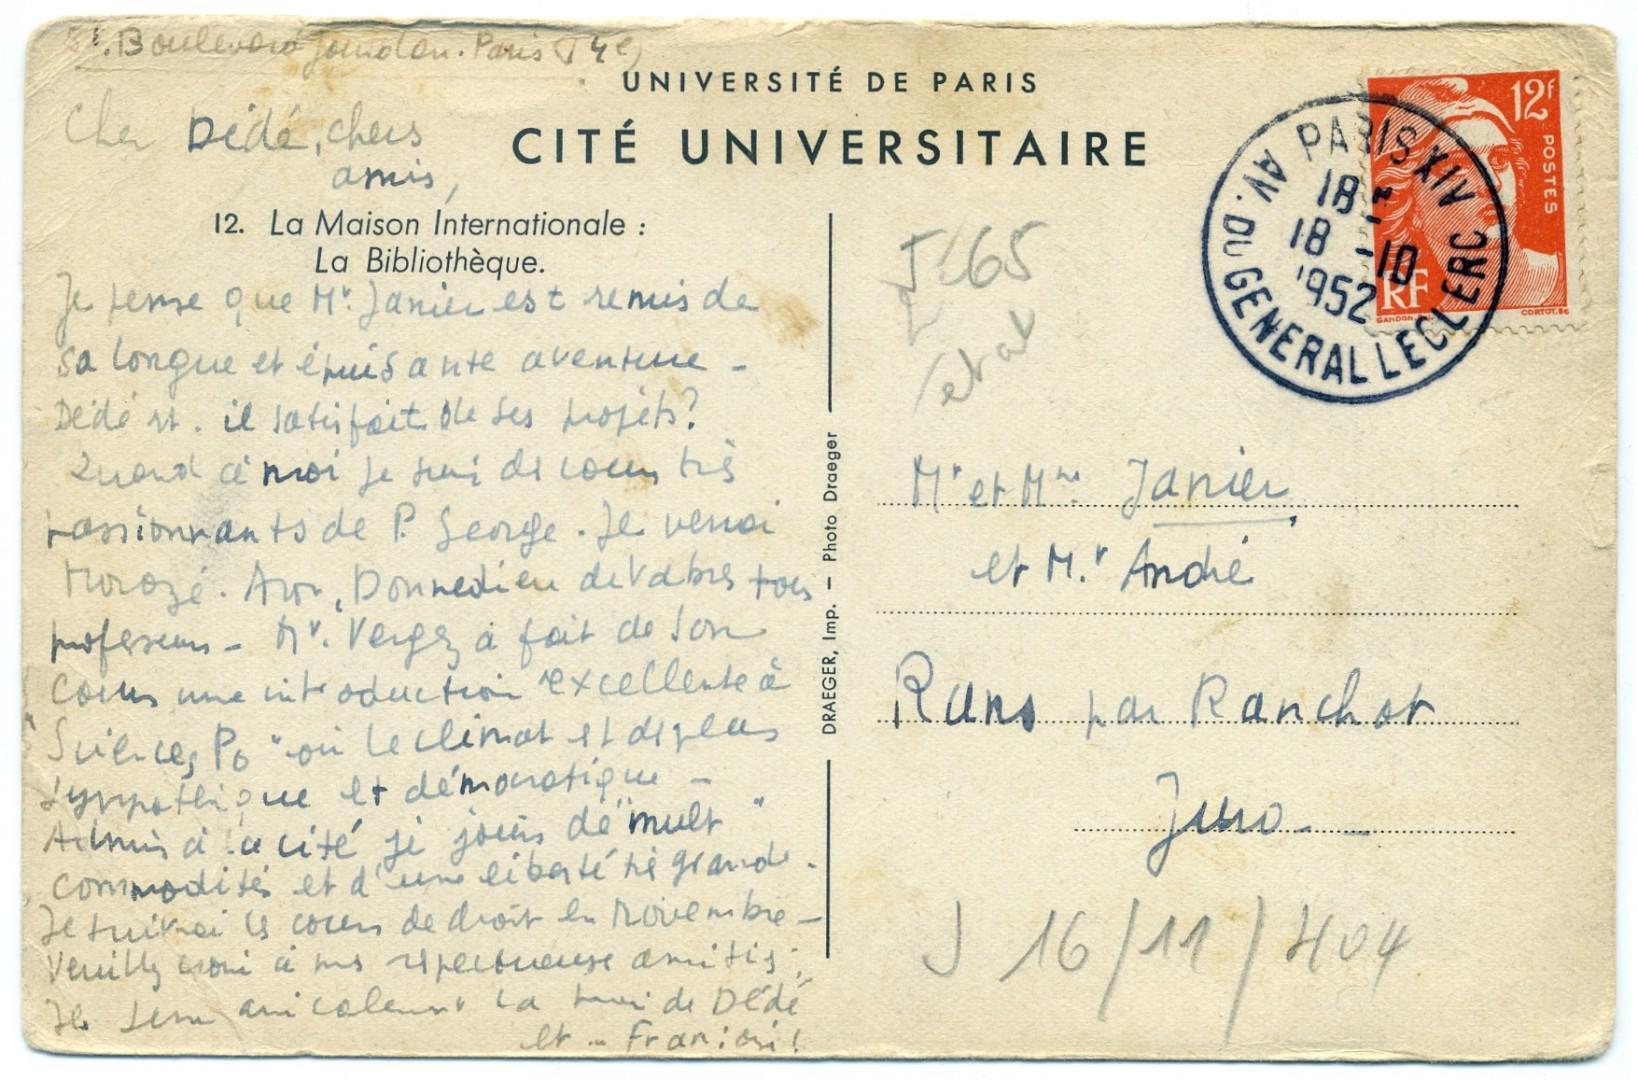 Paris_Cite_Internationale_Universitaire_ Bibliotheque_r